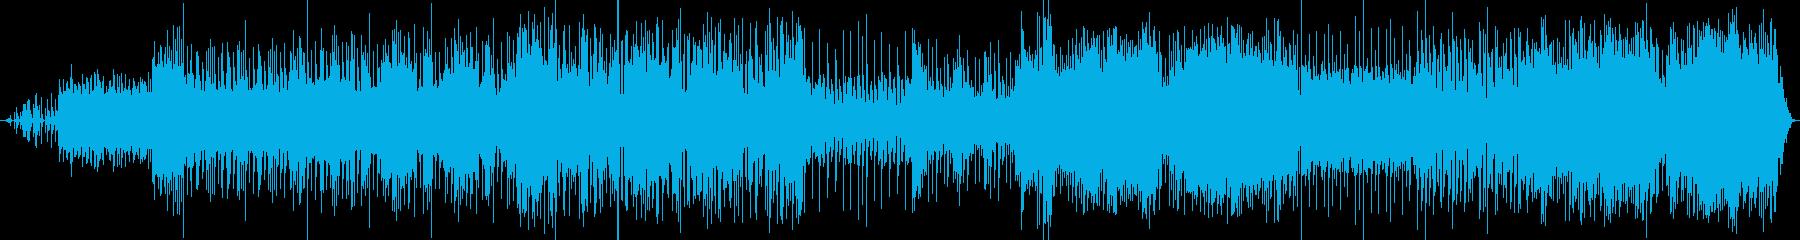 シンセサイザーをバックにバイオリンを乗…の再生済みの波形